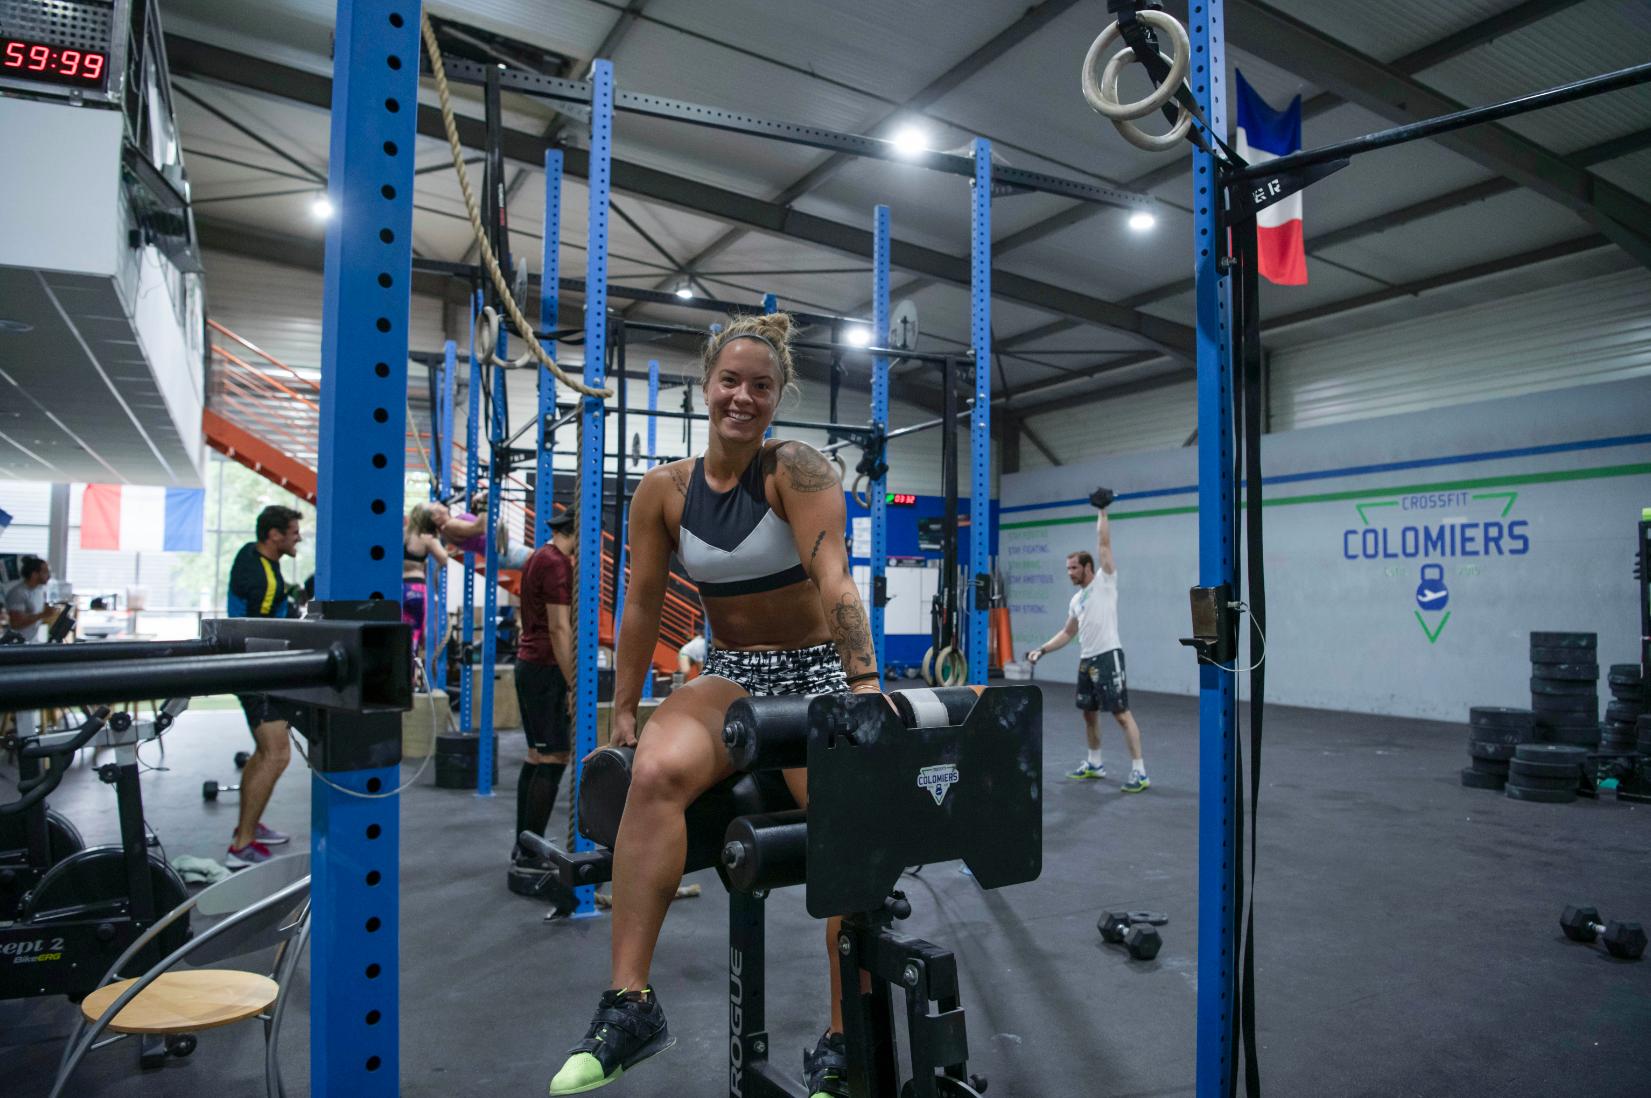 Dossier Salles De Sport Une Rentree Musclee Crossfit